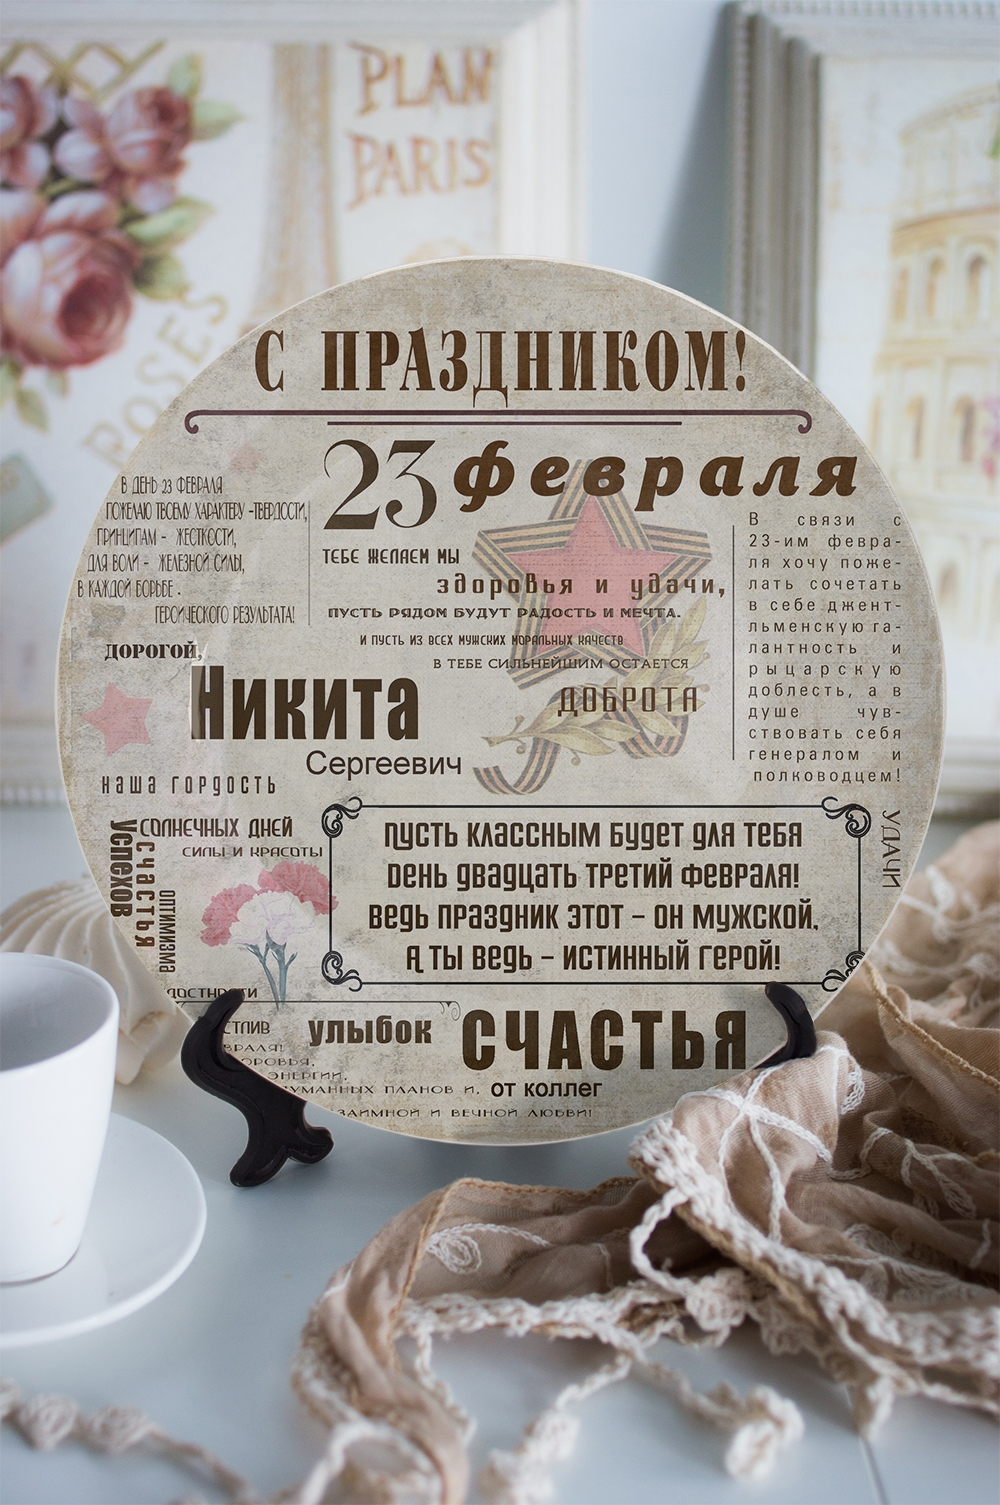 Тарелка декоративная с вашим текстом Вести 23 февраляТарелки с вашим текстом<br>Подарите необыкновенный сувенир с индивидуальной надписью и именем – такая декоративная тарелка станет эксклюзивным украшением для интерьера и незабываемым подарком! Выберите понравившийся фон, впишите любимую фразу, имя получателя. Диаметр 20см<br>